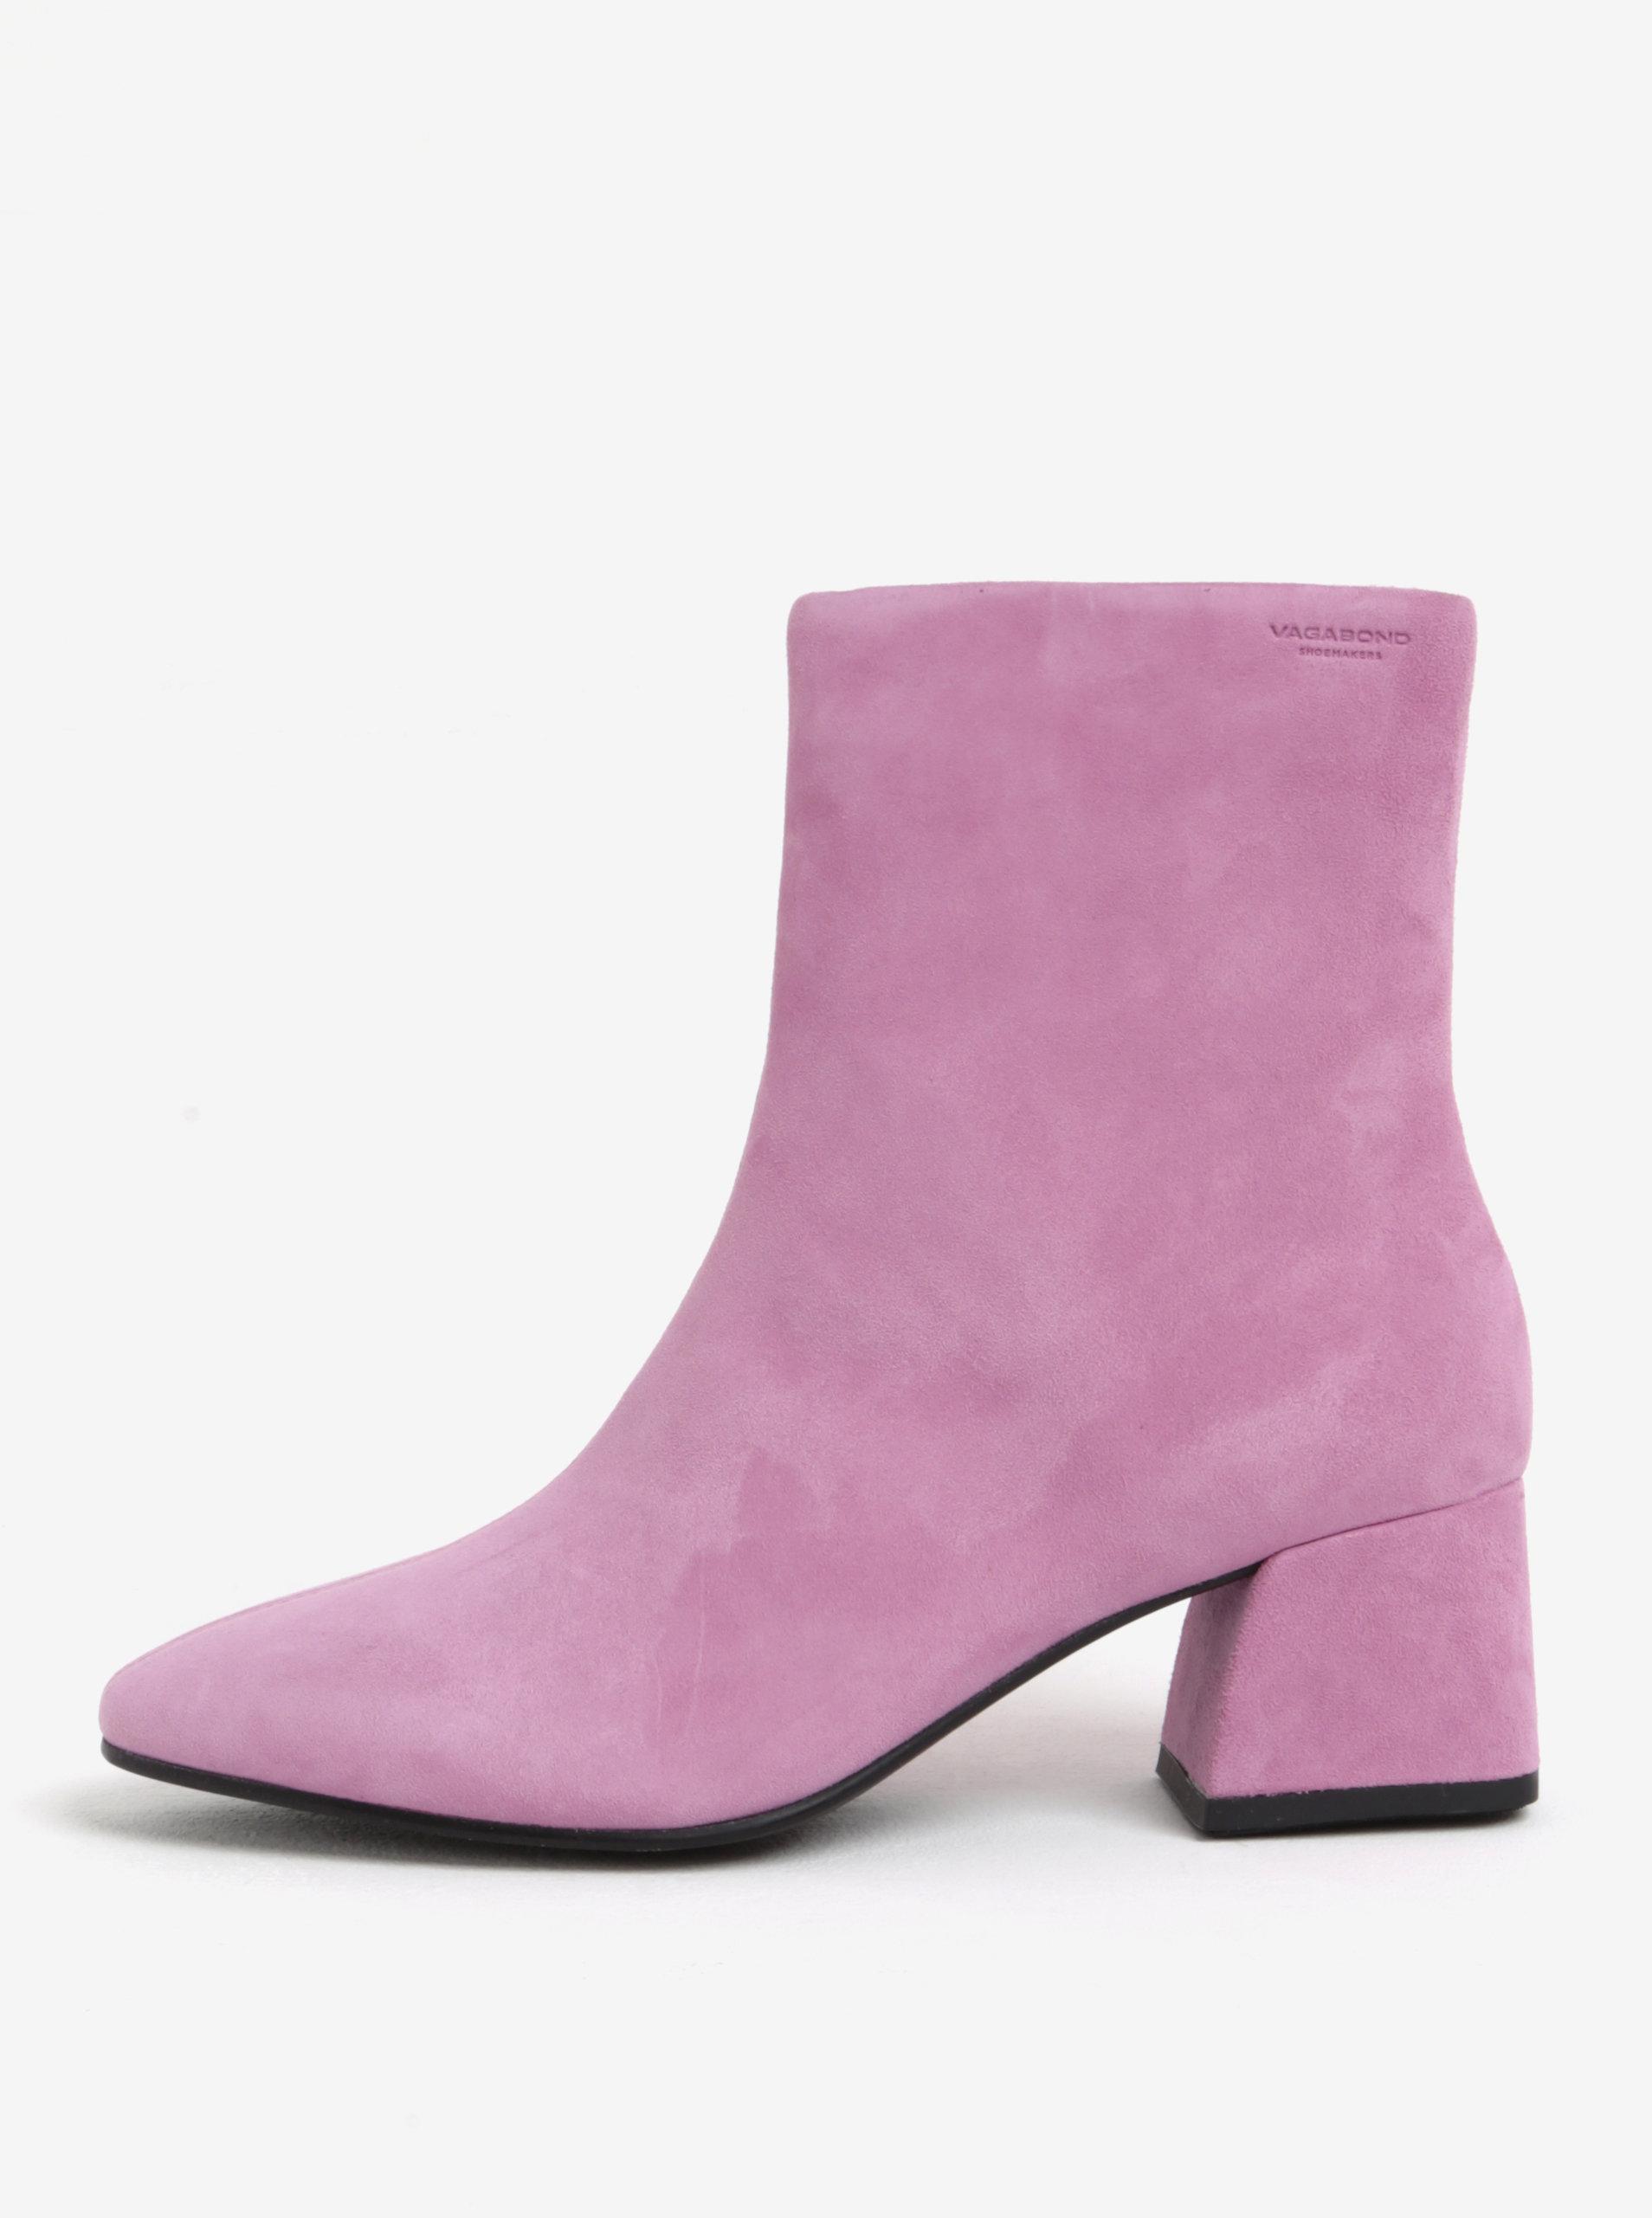 Růžové dámské semišové kotníkové boty na podpatku Vagabond Alice ... 049d24911cc